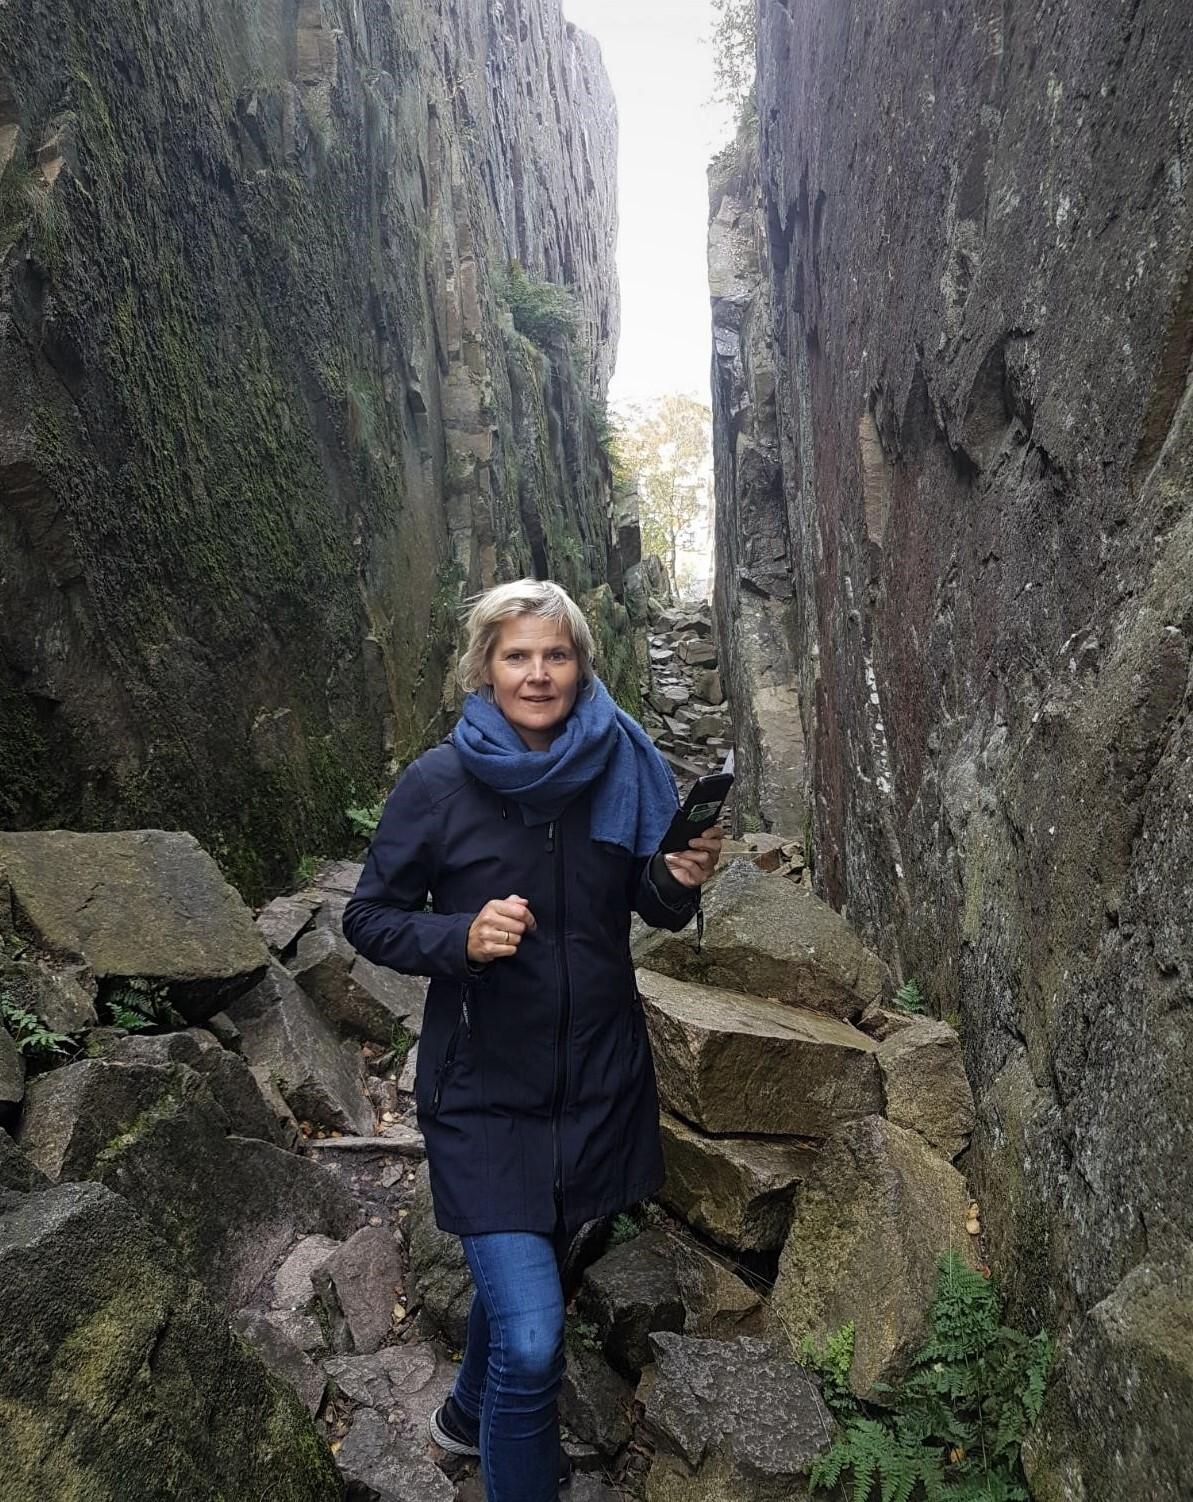 Kvinne står inne i en bergsprekk, det er grønt, grått og vått.